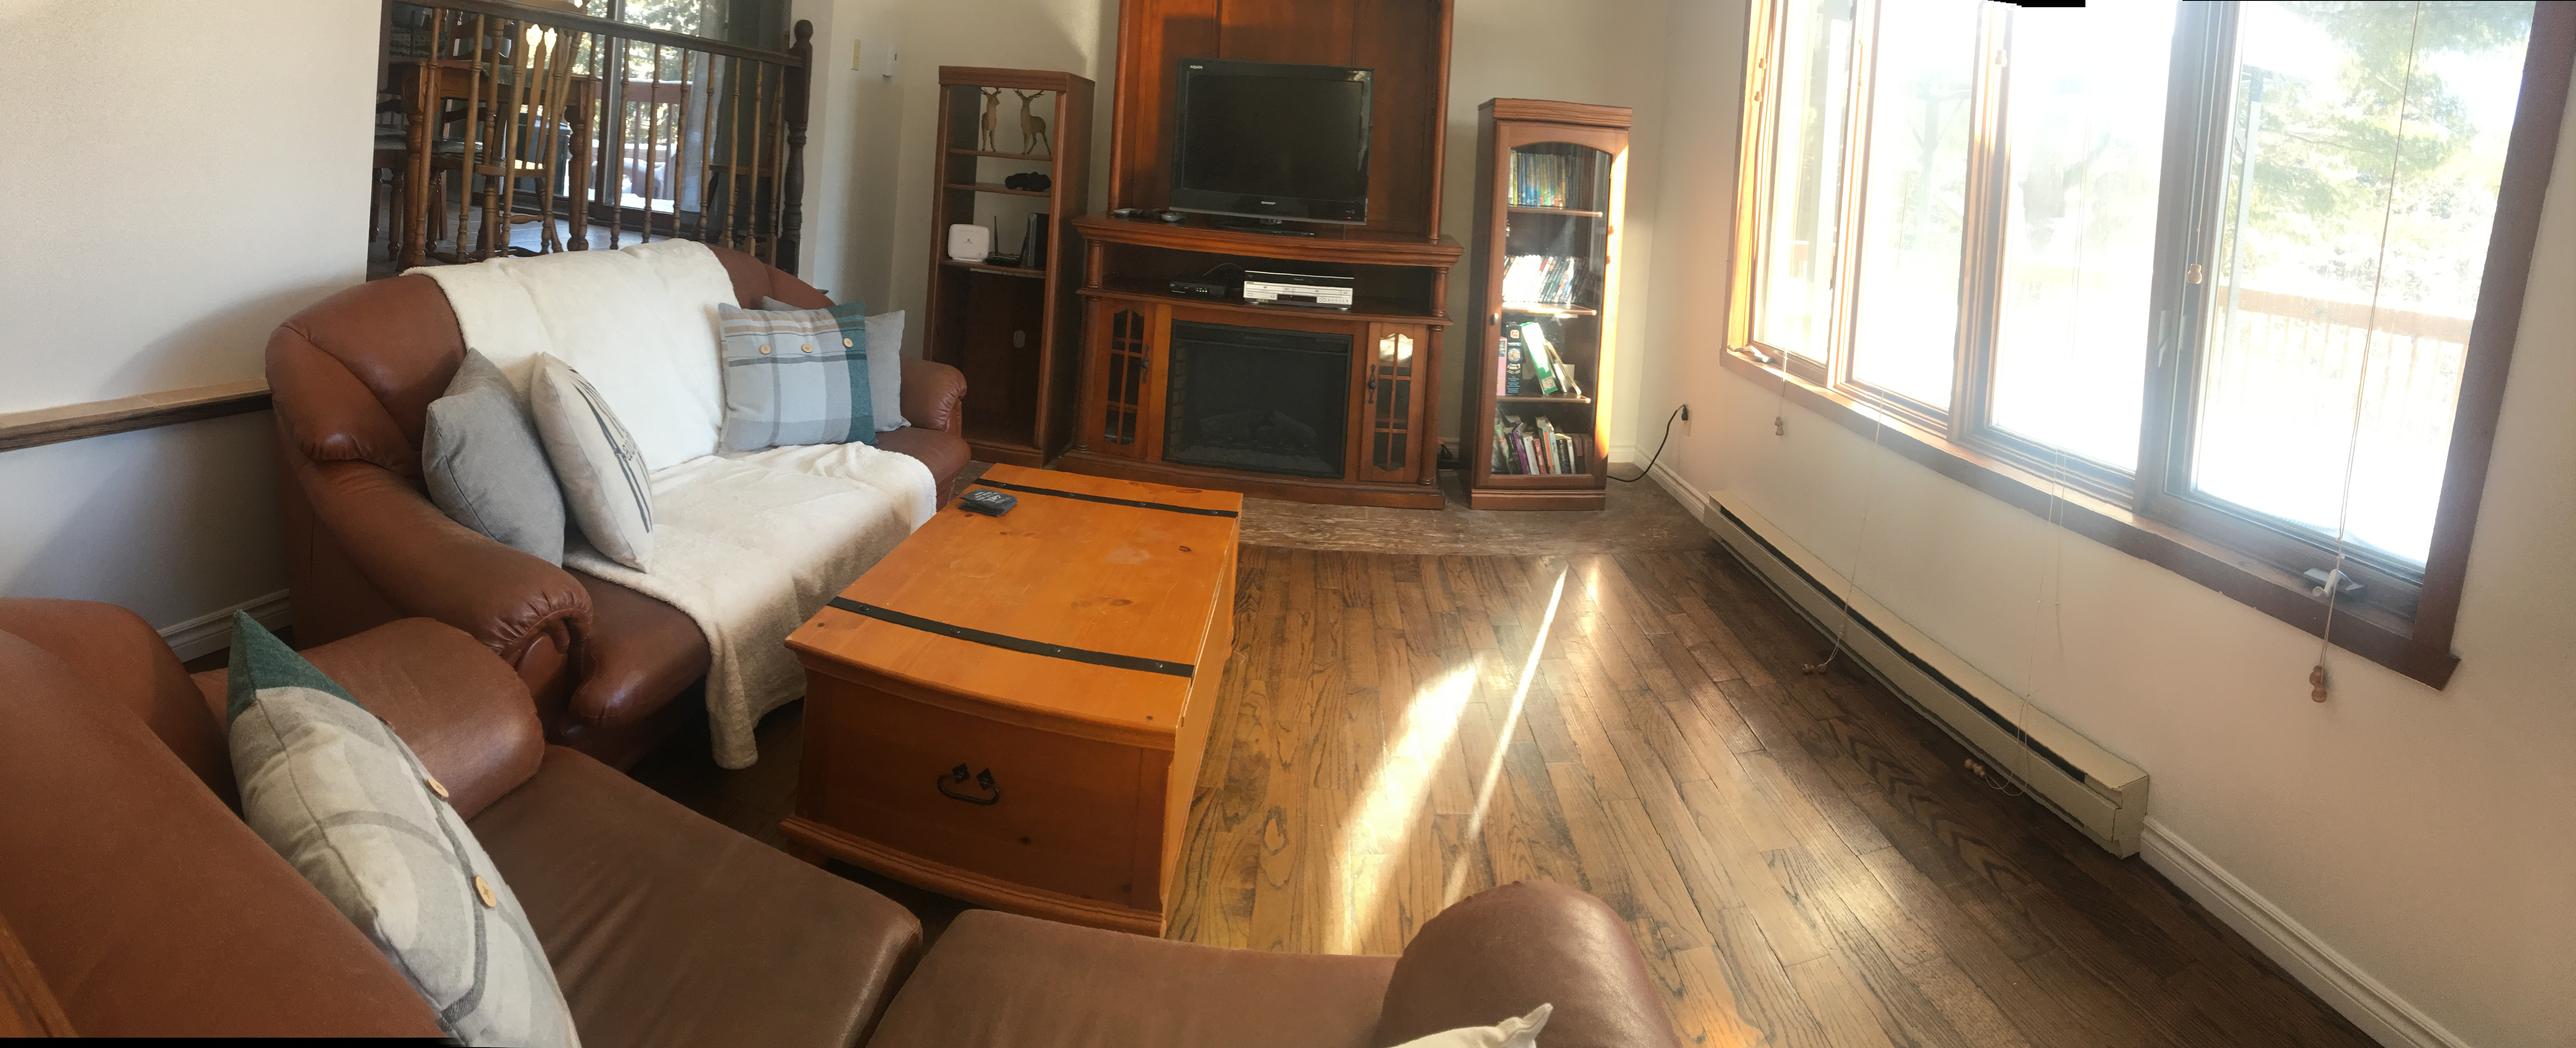 Salon avec foyer électrique